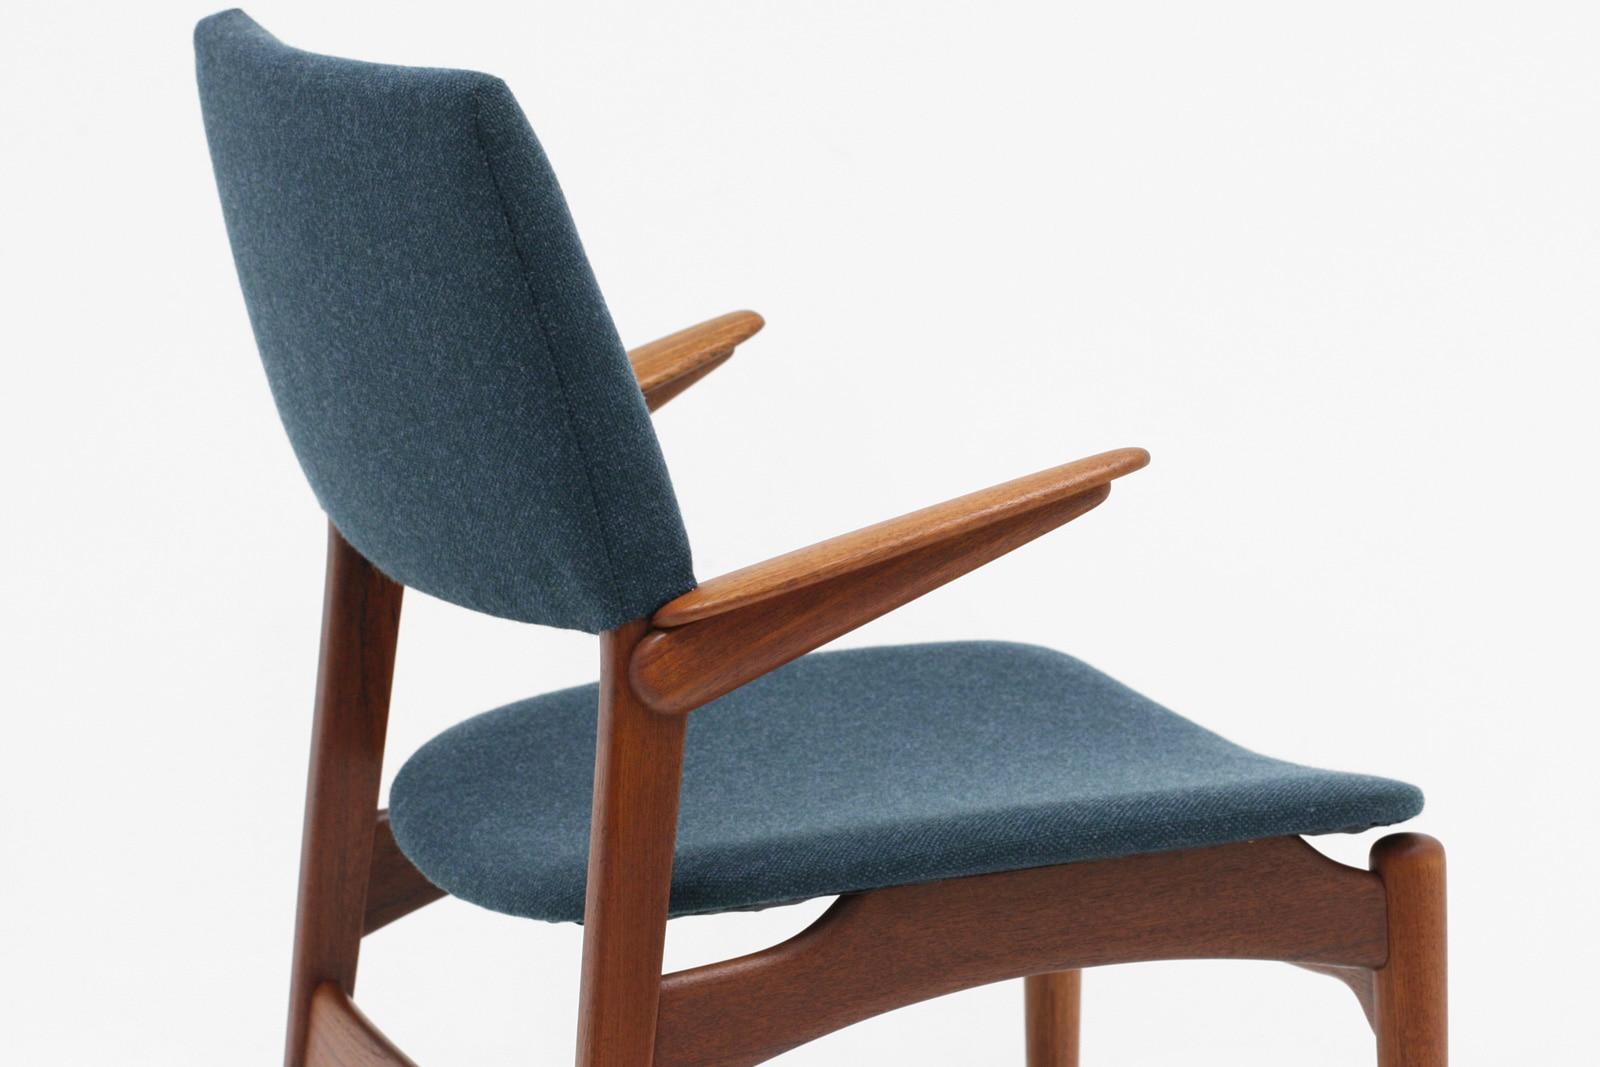 クヌードセン,model48,ハーフアームチェア,ヴィンテージ,北欧家具